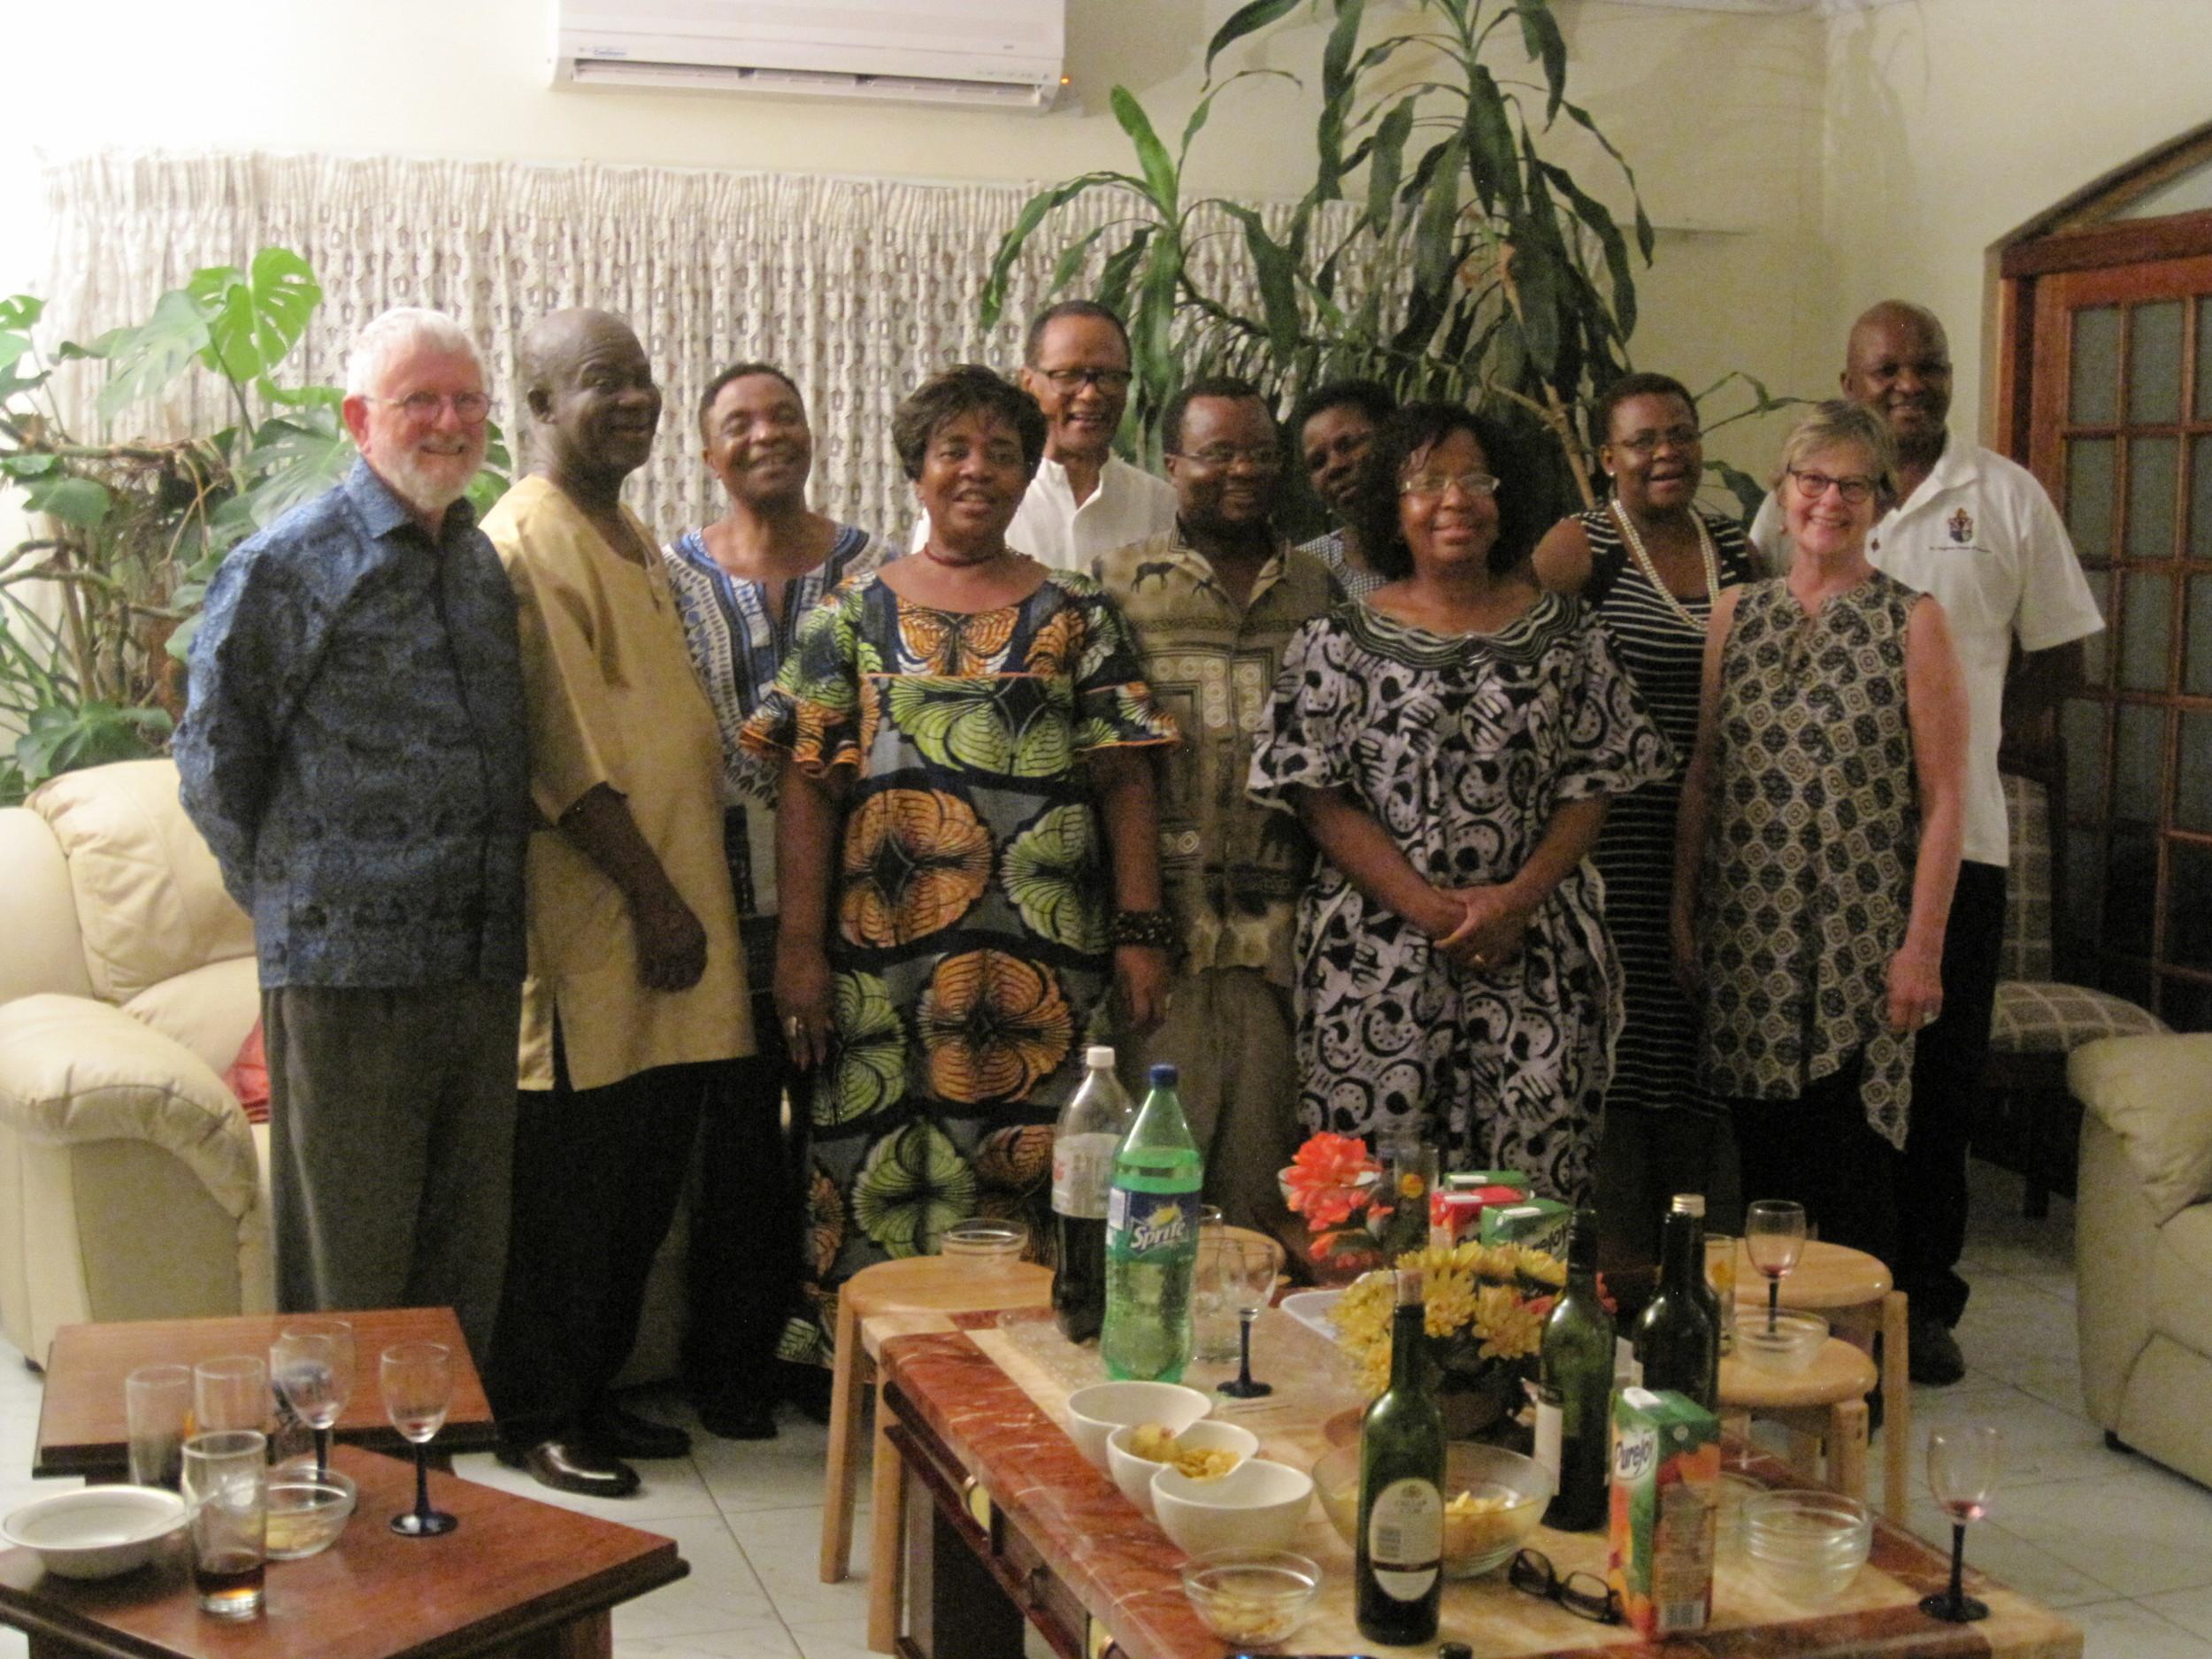 'Oneness in Christ' in Botswana: Batswana, Ghanaians, Gambians, Malawians, Zambians, and Americans